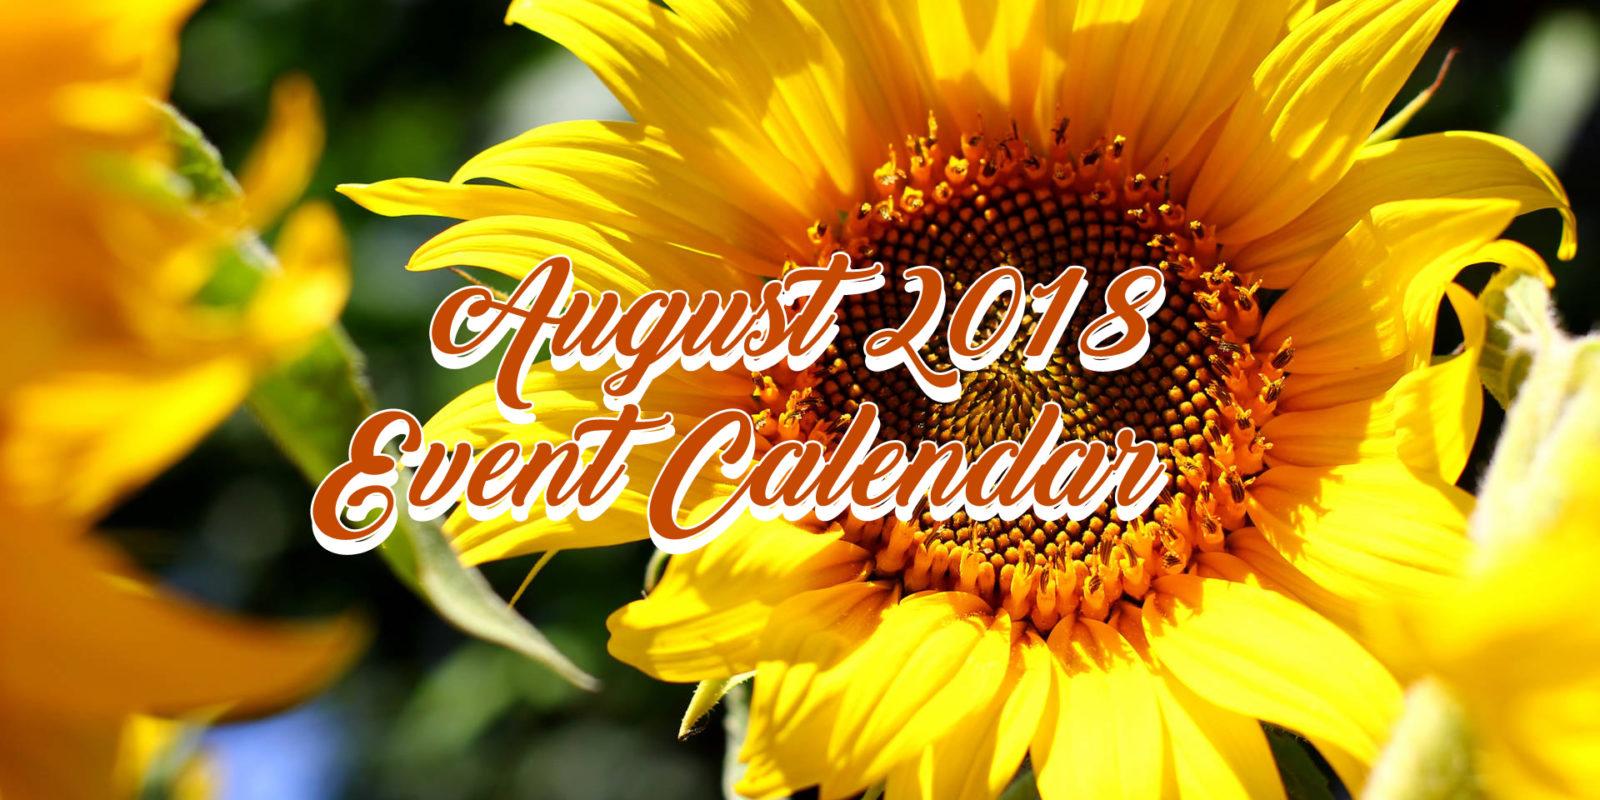 August 2018 Event Calendar